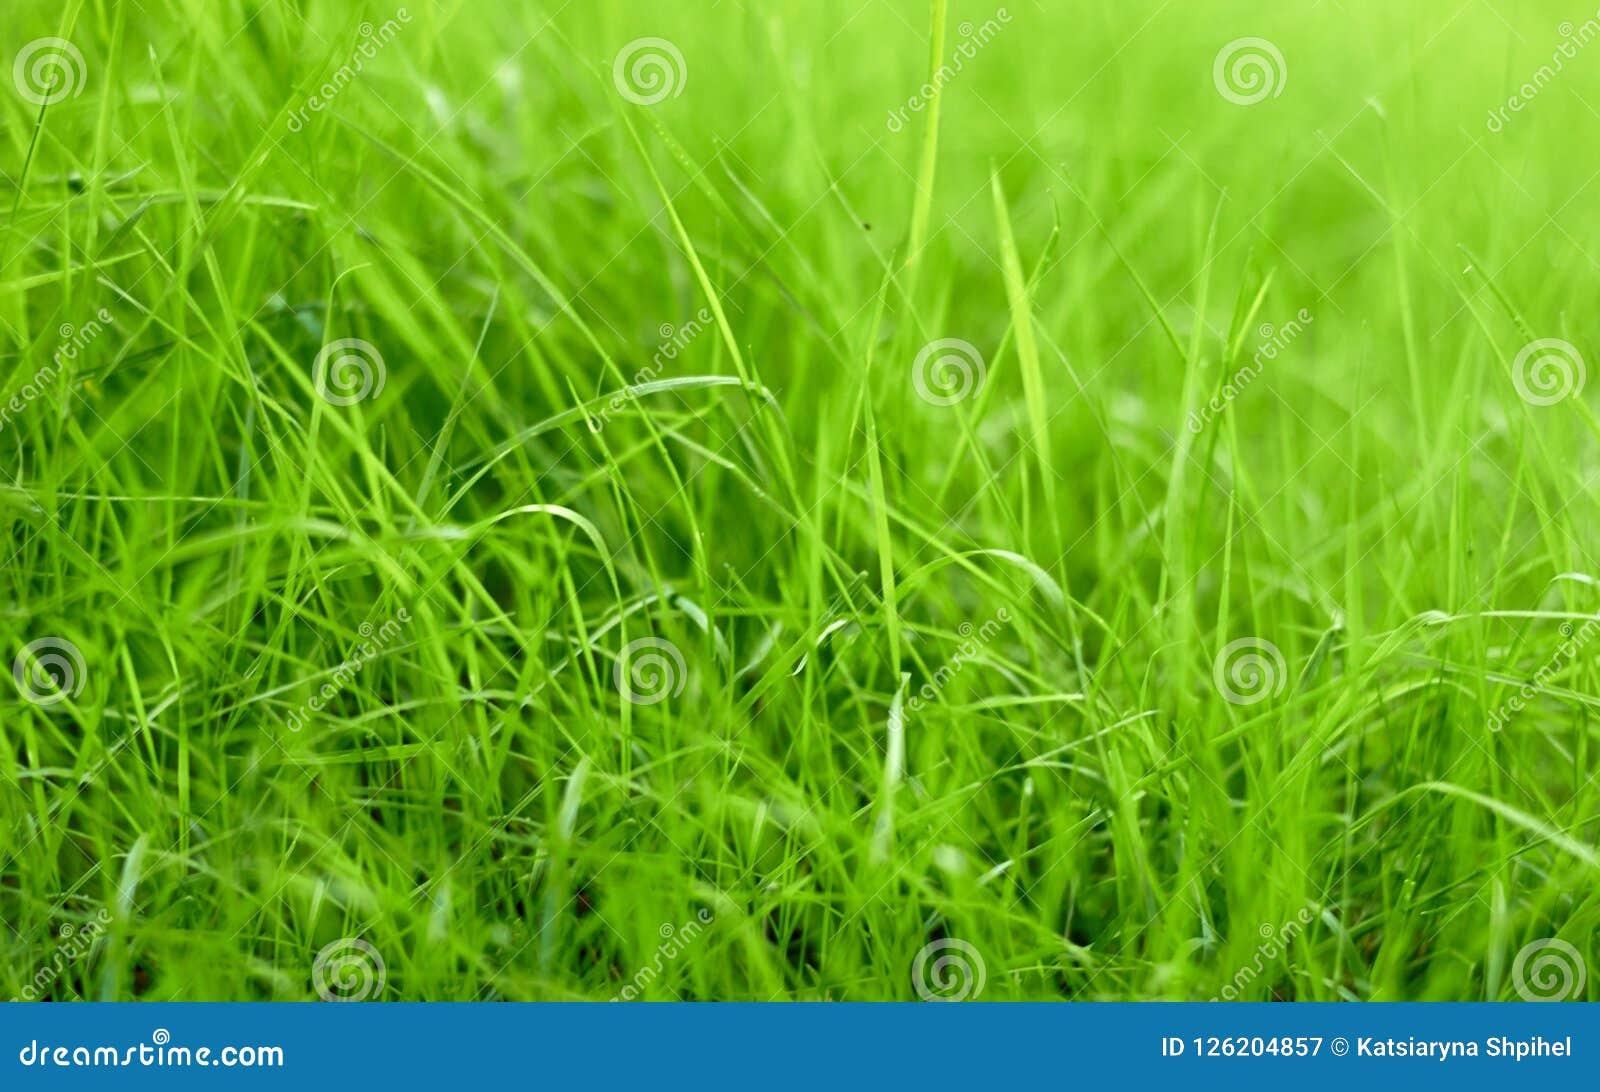 Λεπίδες της πράσινης χλόης του χορτοτάπητα, μακροεντολή, σύσταση υποβάθρου